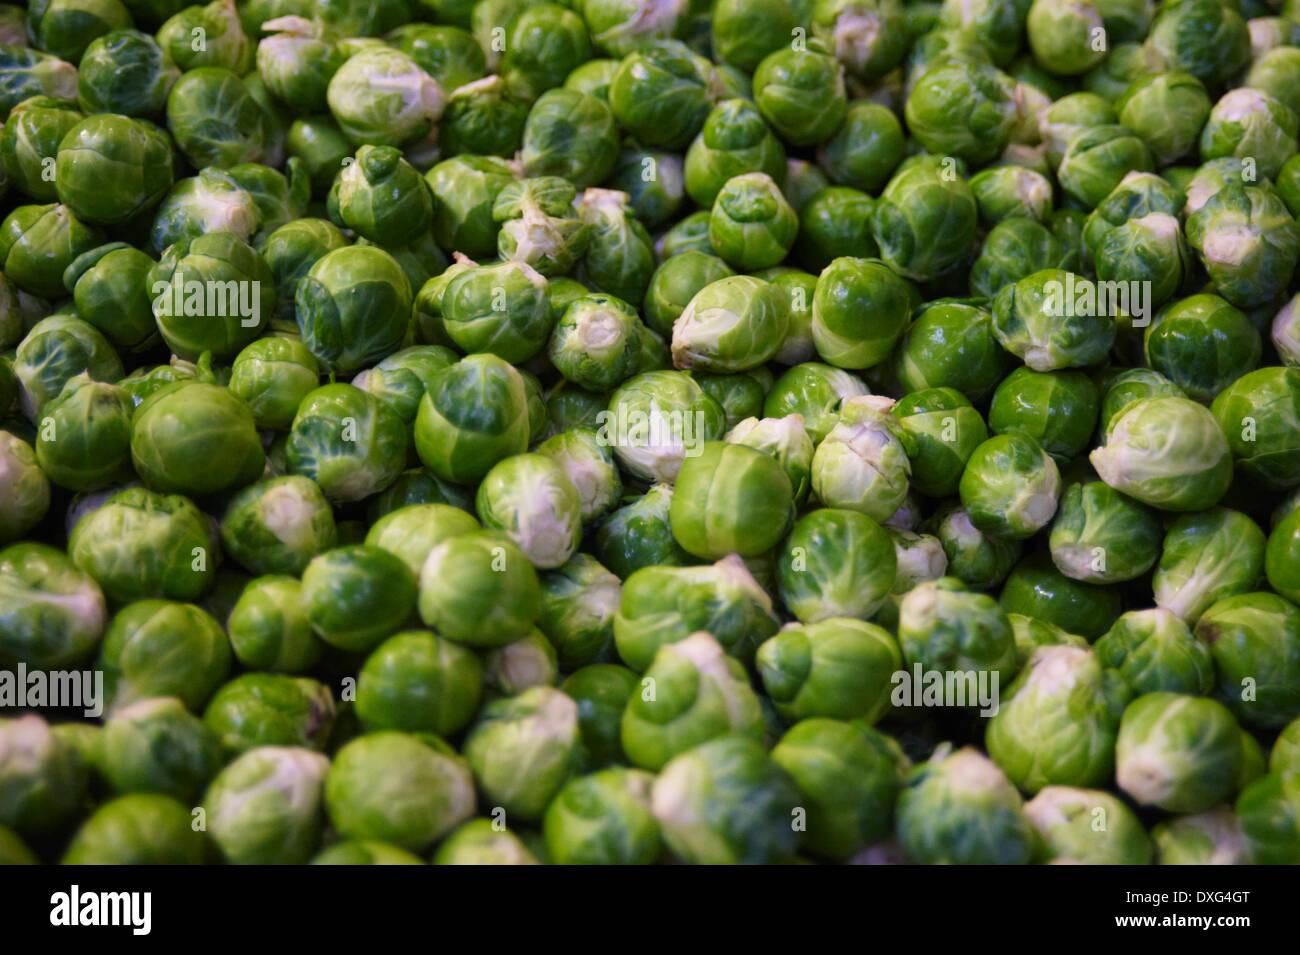 Telaio completo di raccolti i cavoletti di Bruxelles Immagini Stock